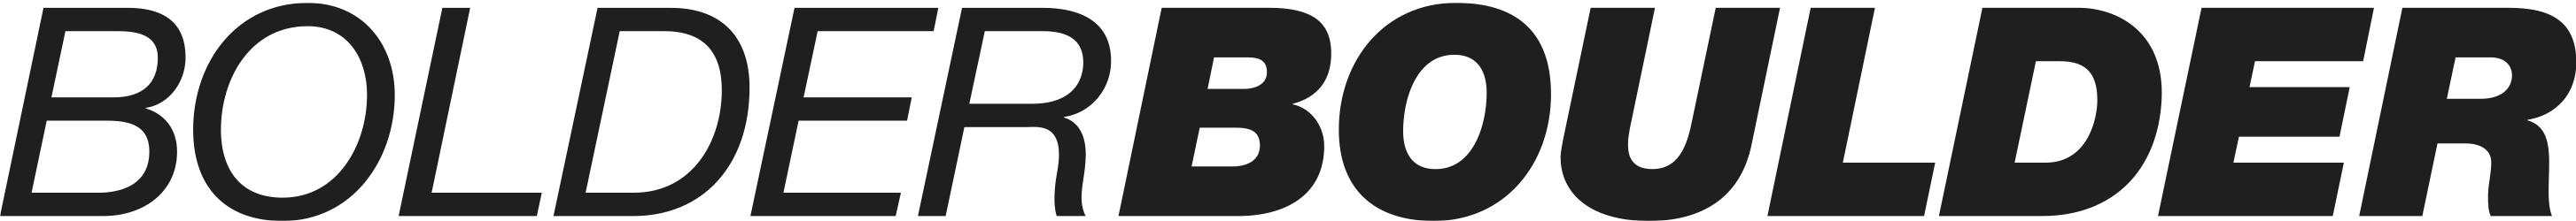 BOLDERBoulder